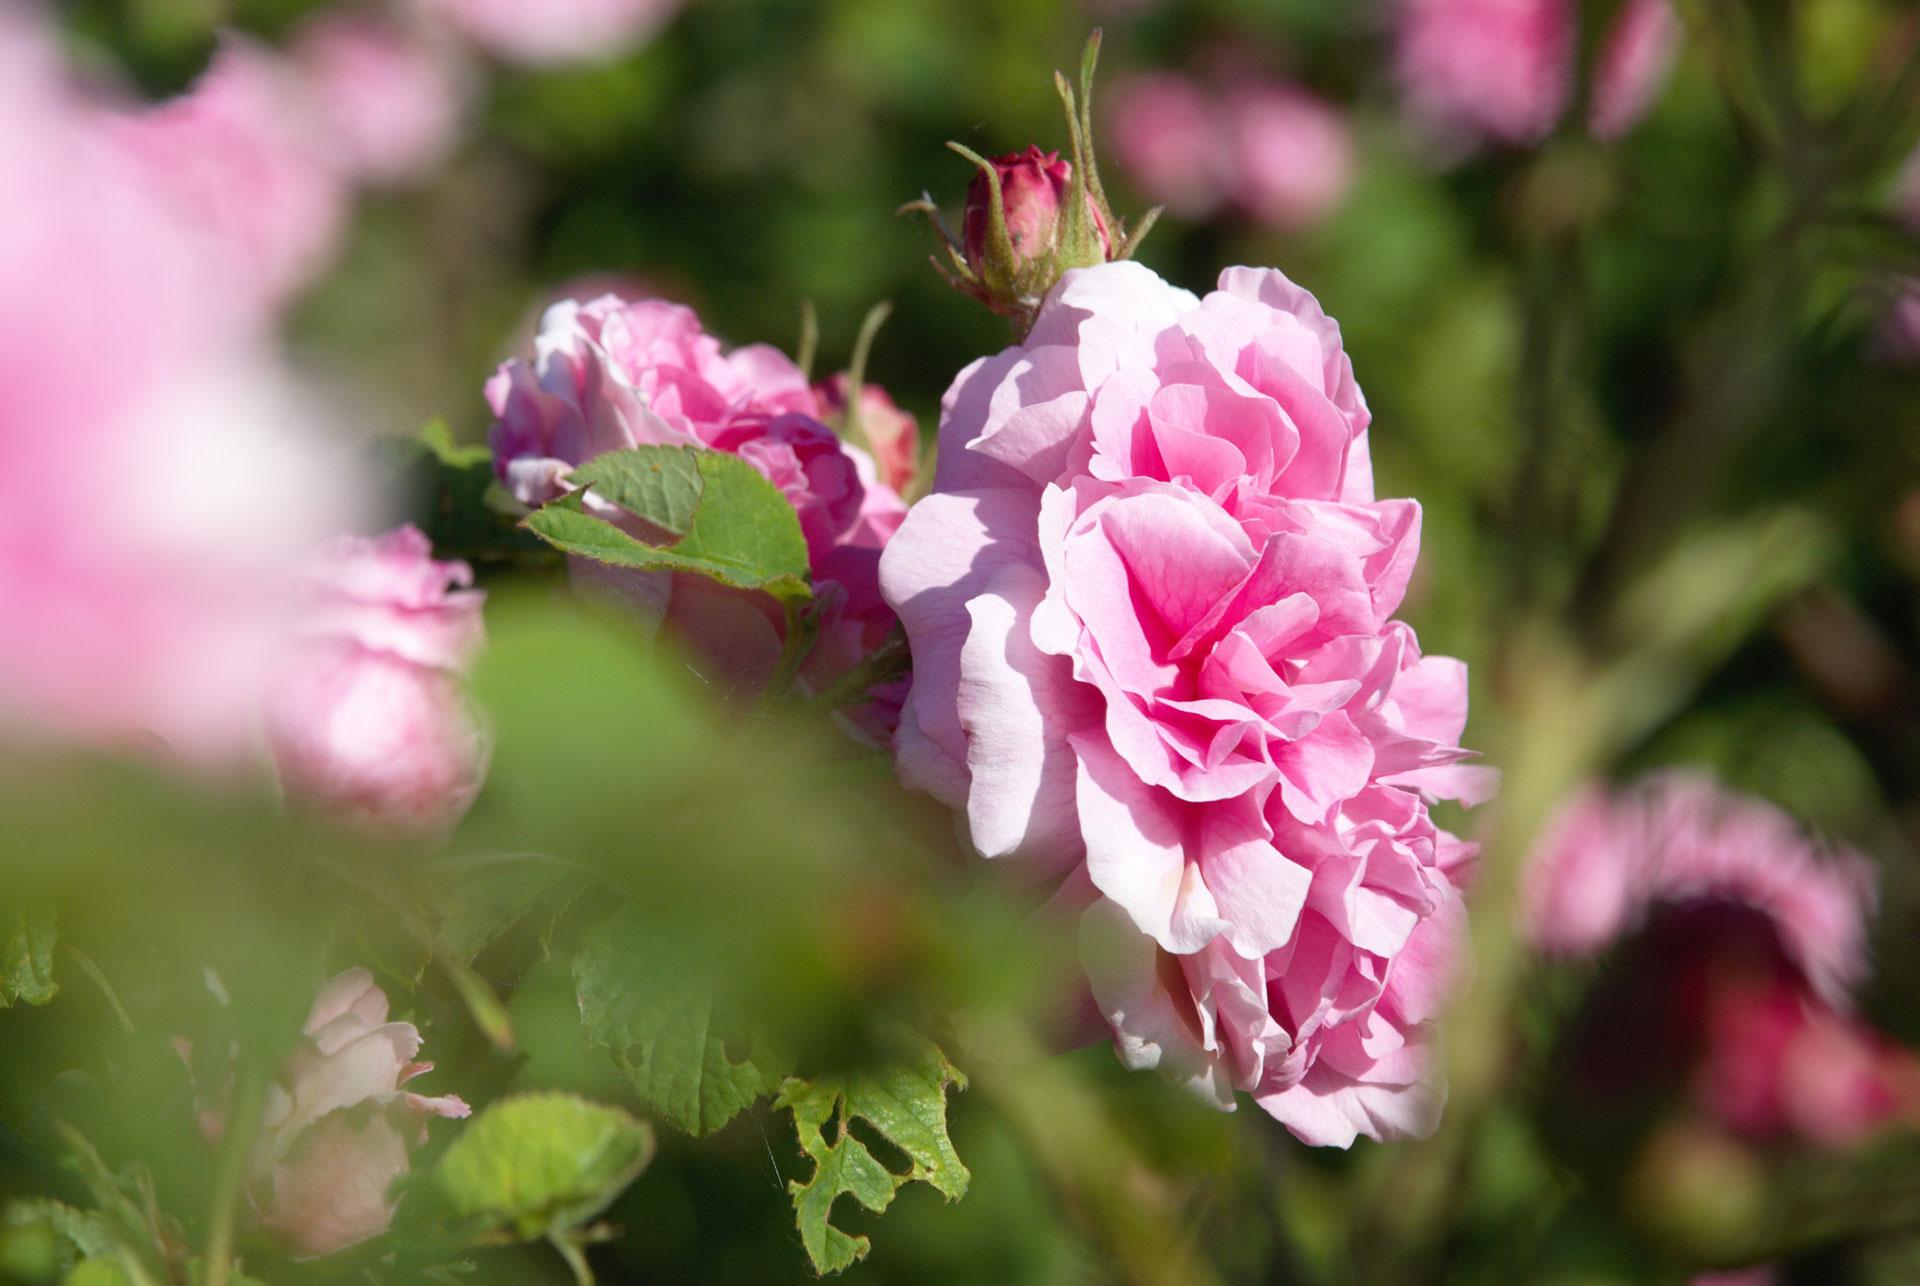 Rose Da Taglio Rifiorenti coltivare rose con il metodo biologico: scelta etica per